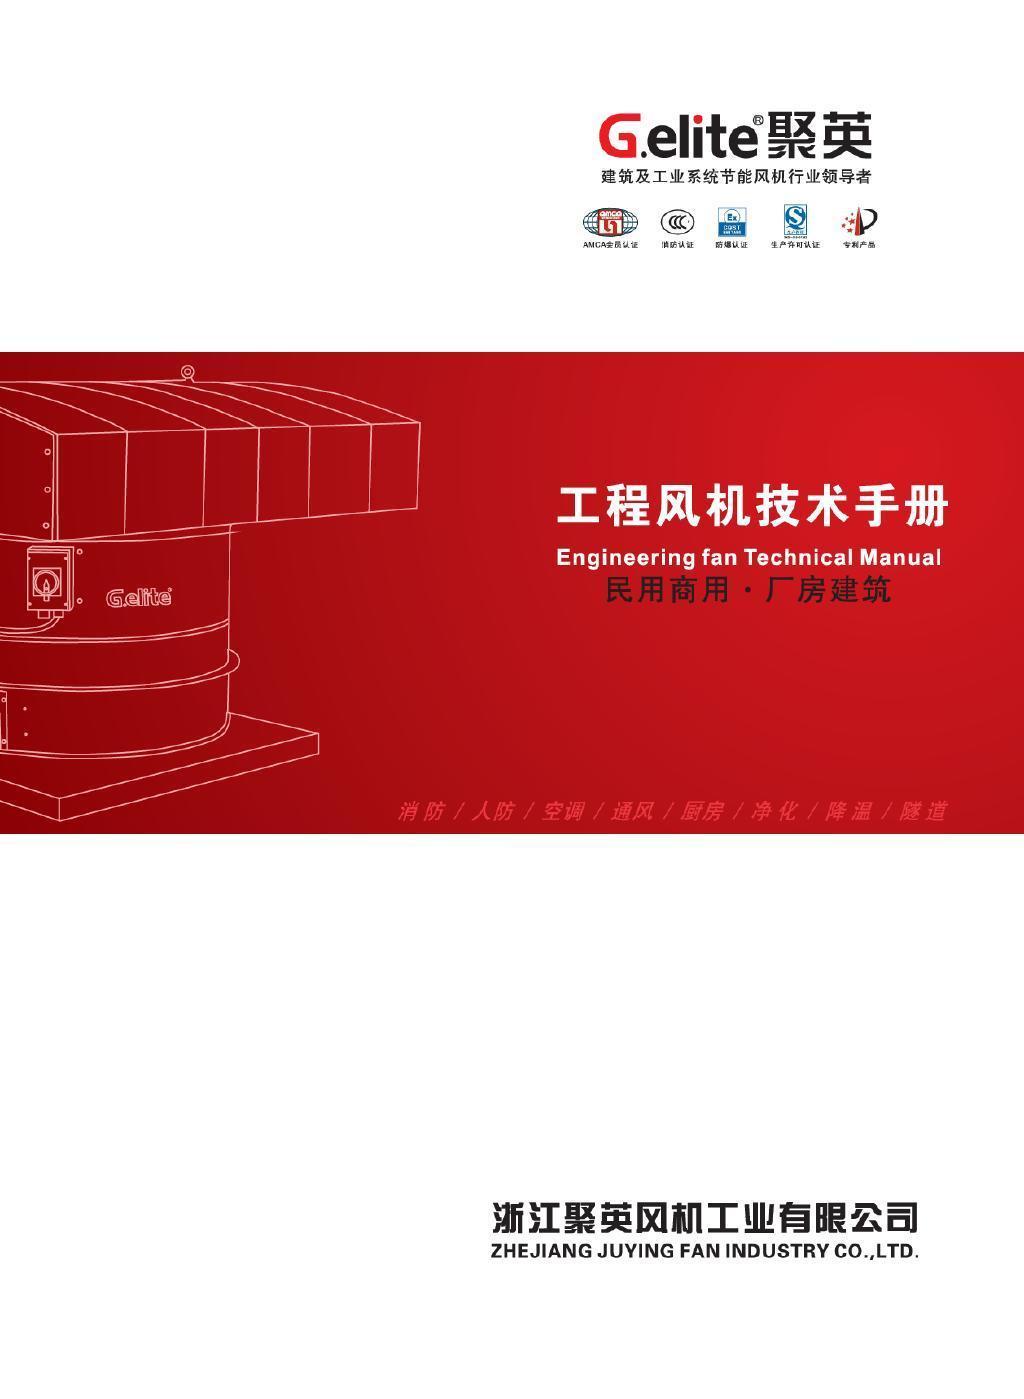 2016年工程风机技术手册